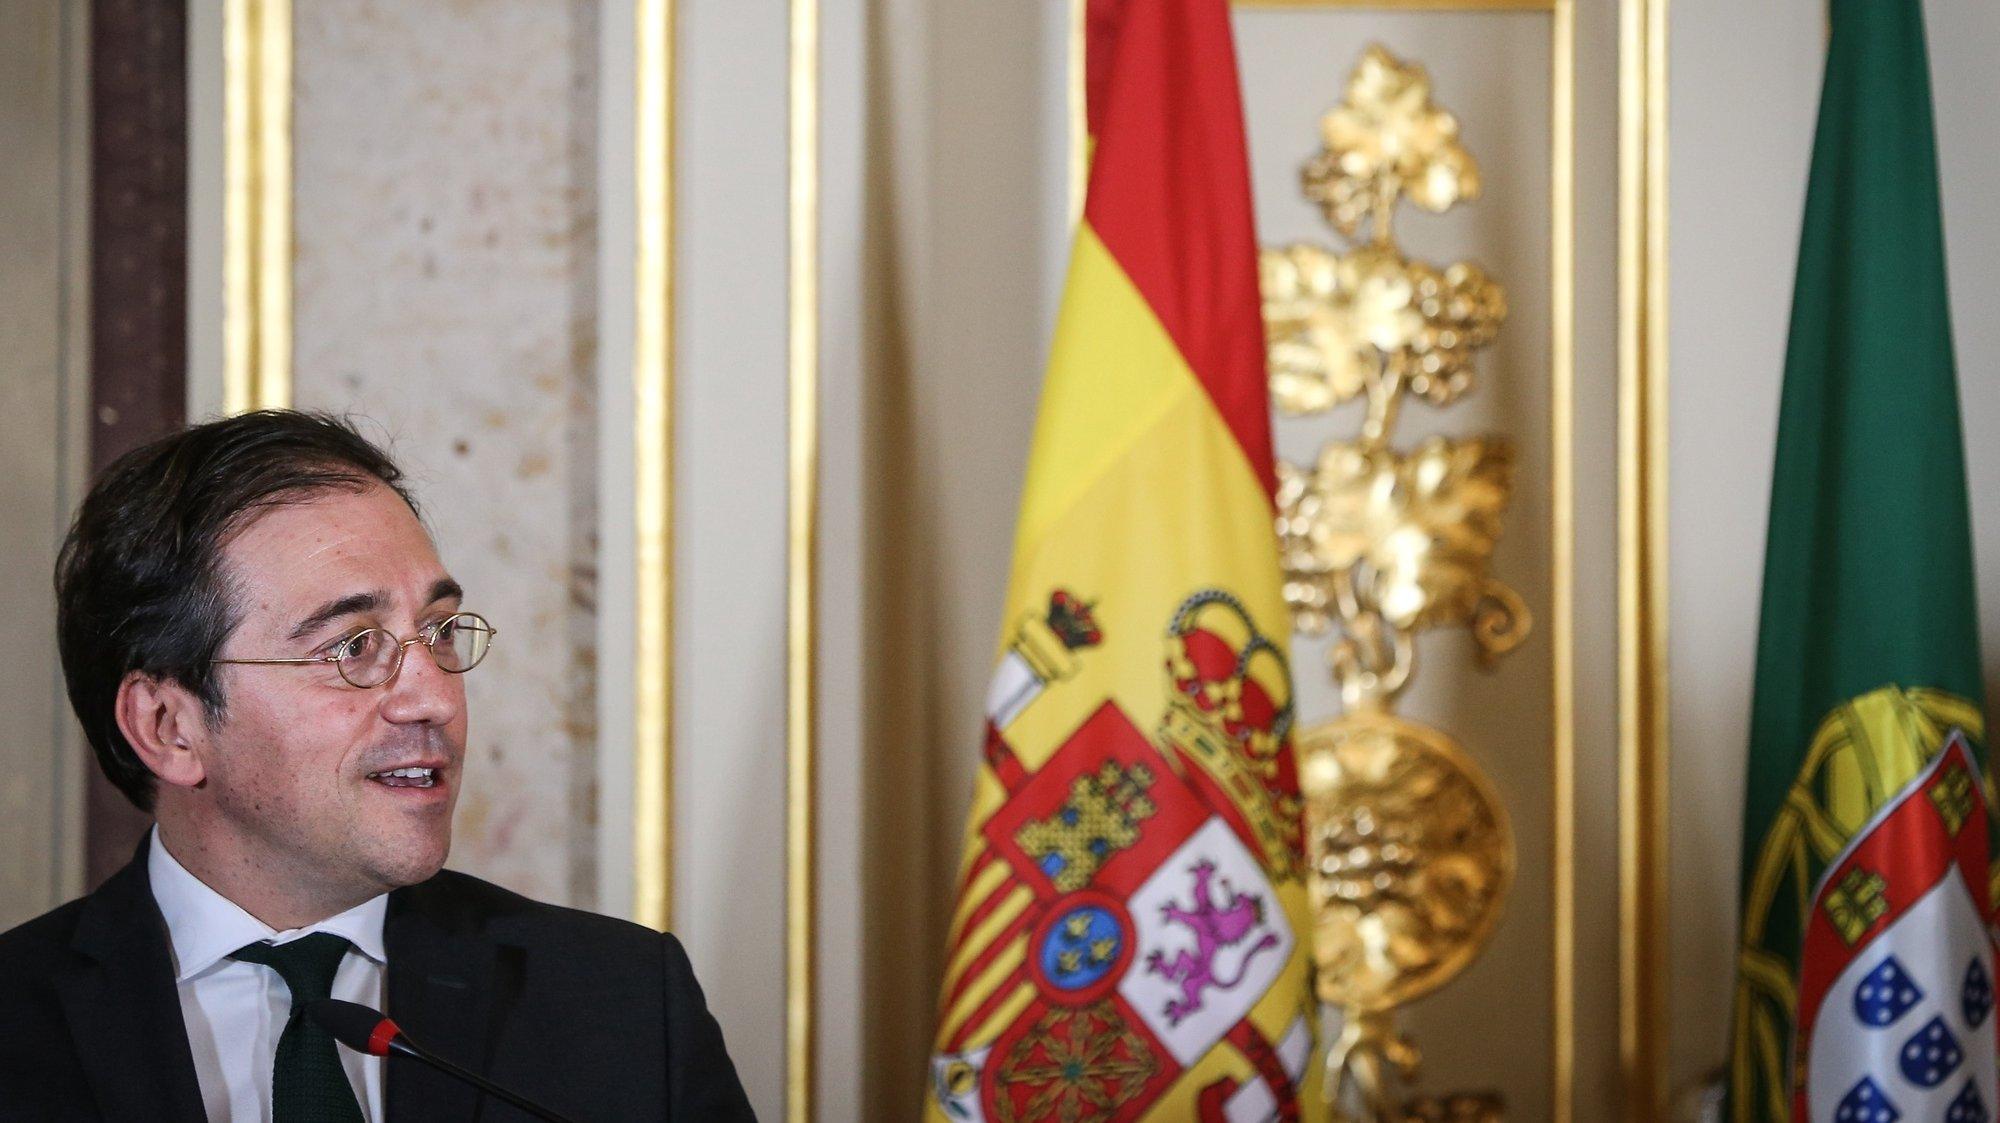 O ministro de Estado e dos Negócios Estrangeiros Espanhol, José Manuel Albares, intervém numa conferencia de imprensa após uma reunião de trabalho com o seu homólogo de Portugal, Augusto Santos Silva (ausente da foto), onde foram abordados tópicos das relações bilaterais, nomeadamente o início da preparação da próxima Cimeira Luso-Espanhola, bem como a coordenação em matéria de Covid-19, a recuperação económica europeia e temas da agenda internacional, como a situação na Venezuela, em Moçambique ou no Sahel, em Lisboa, 04 de agosto de 2021.  RODRIGO ANTUNES/LUSA